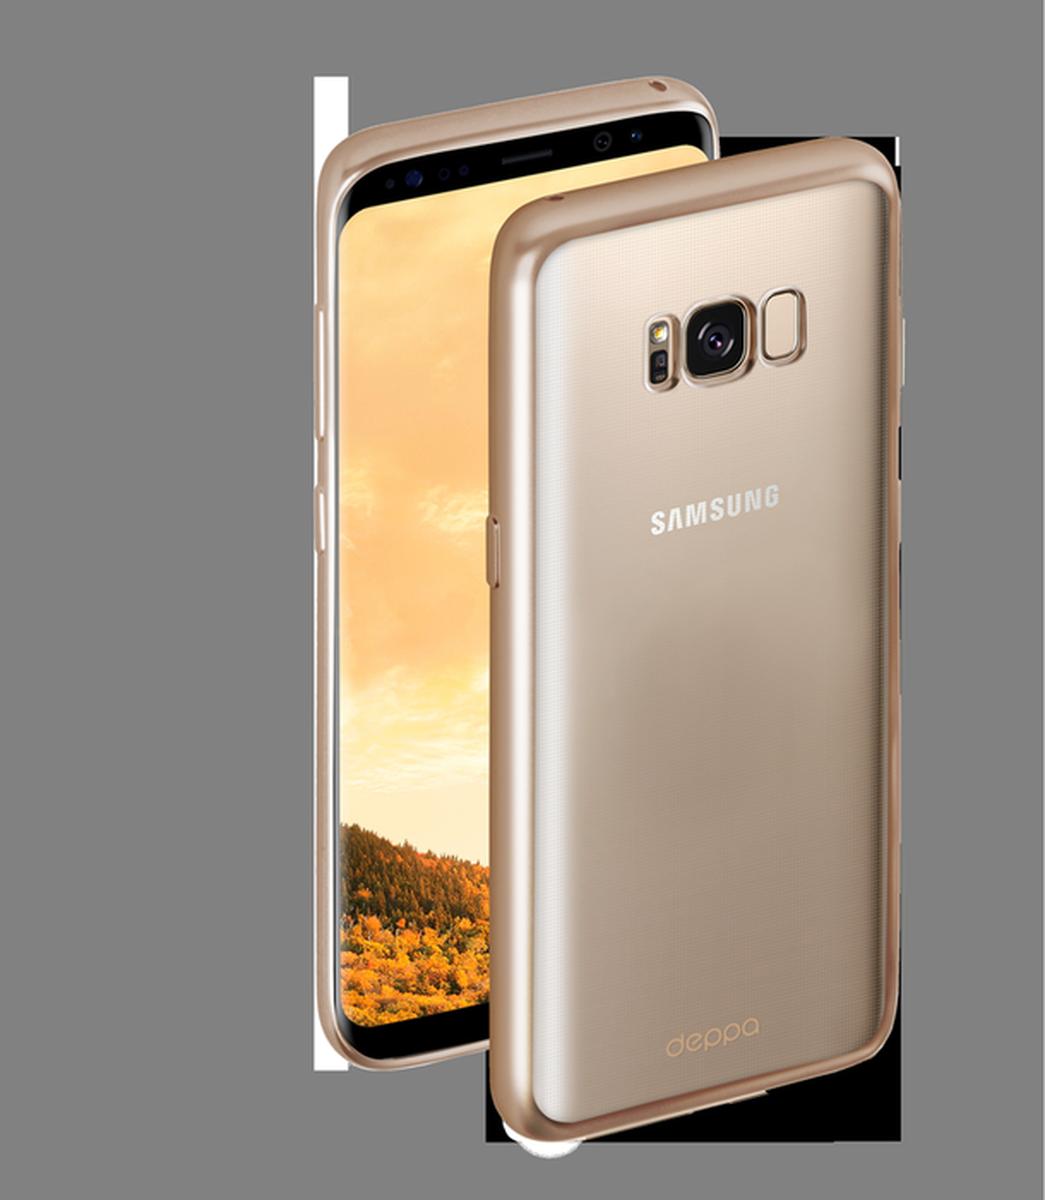 Deppa Gel Plus чехол для Samsung Galaxy S8+, Gold85310Чехол Deppa Gel Plus предназначен для защиты корпуса Samsung Galaxy S8+ от механических повреждений и царапин в процессе эксплуатации. Стильная рамка с матовым покрытием придает кейсу Gel Plus особую строгость, и в то же время удачно подчеркивает контуры устройства.Плотный высокотехнологичный TPU (силикон) производства Bayer в разы повышает защитные функции чехла. Кейс эластичен, устойчив к изломам, не запотевает и не желтеет даже при длительной эксплуатации.Кейс надежно защищает Samsung Galaxy S8+ со всех сторон и имеет все необходимые, тщательно выверенные отверстия для доступа к функциональным портам, разъемам и кнопкам смартфона. Вы можете легко зарядить устройство, не снимая чехол.